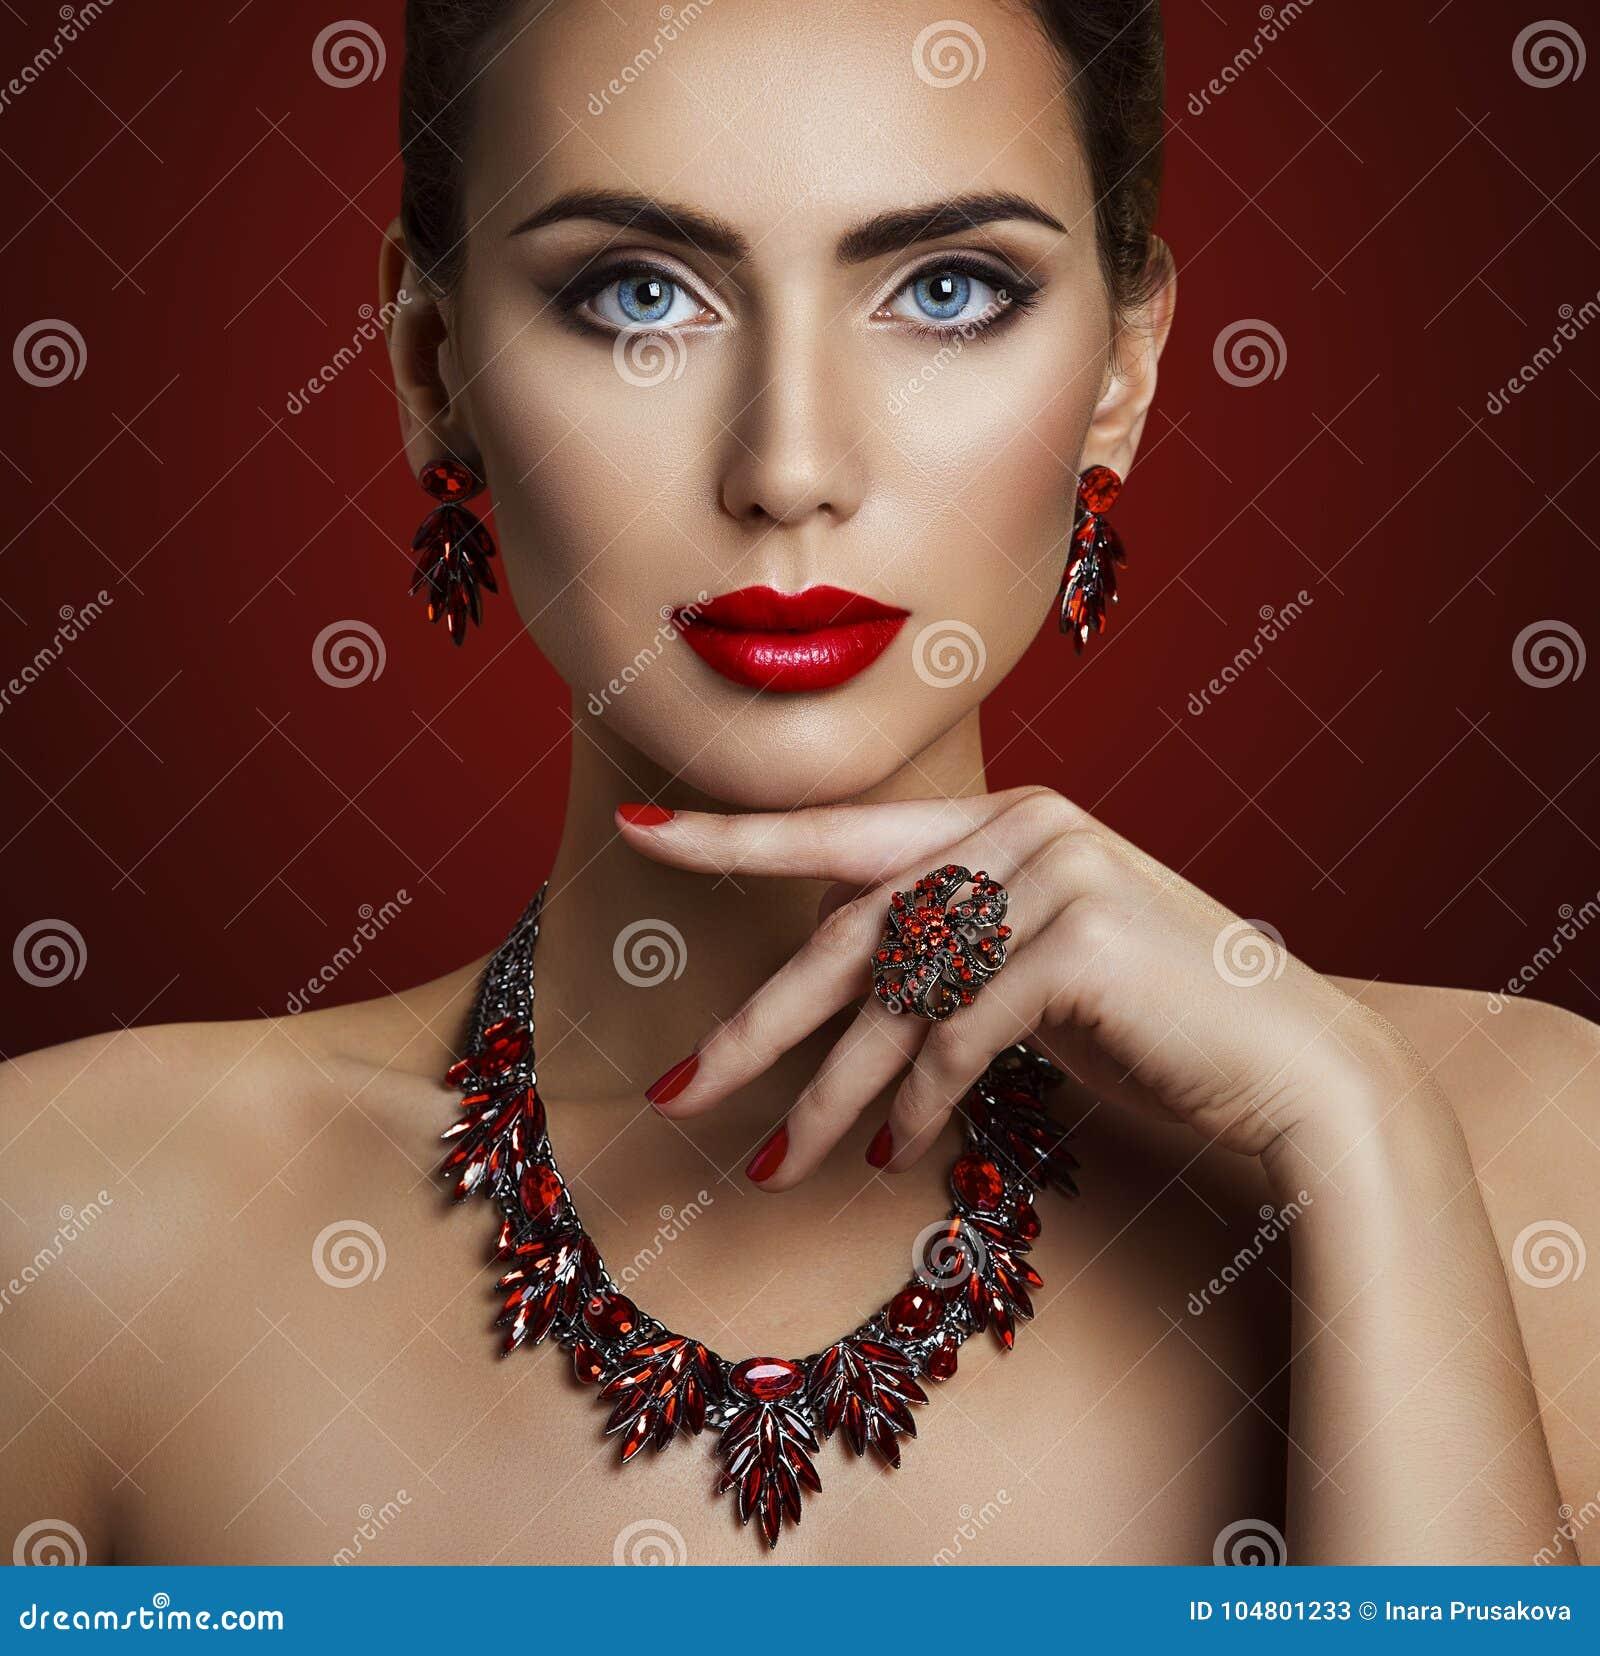 Mode-Modell Beauty Makeup, roter Steinschmuck, Retro- Frau